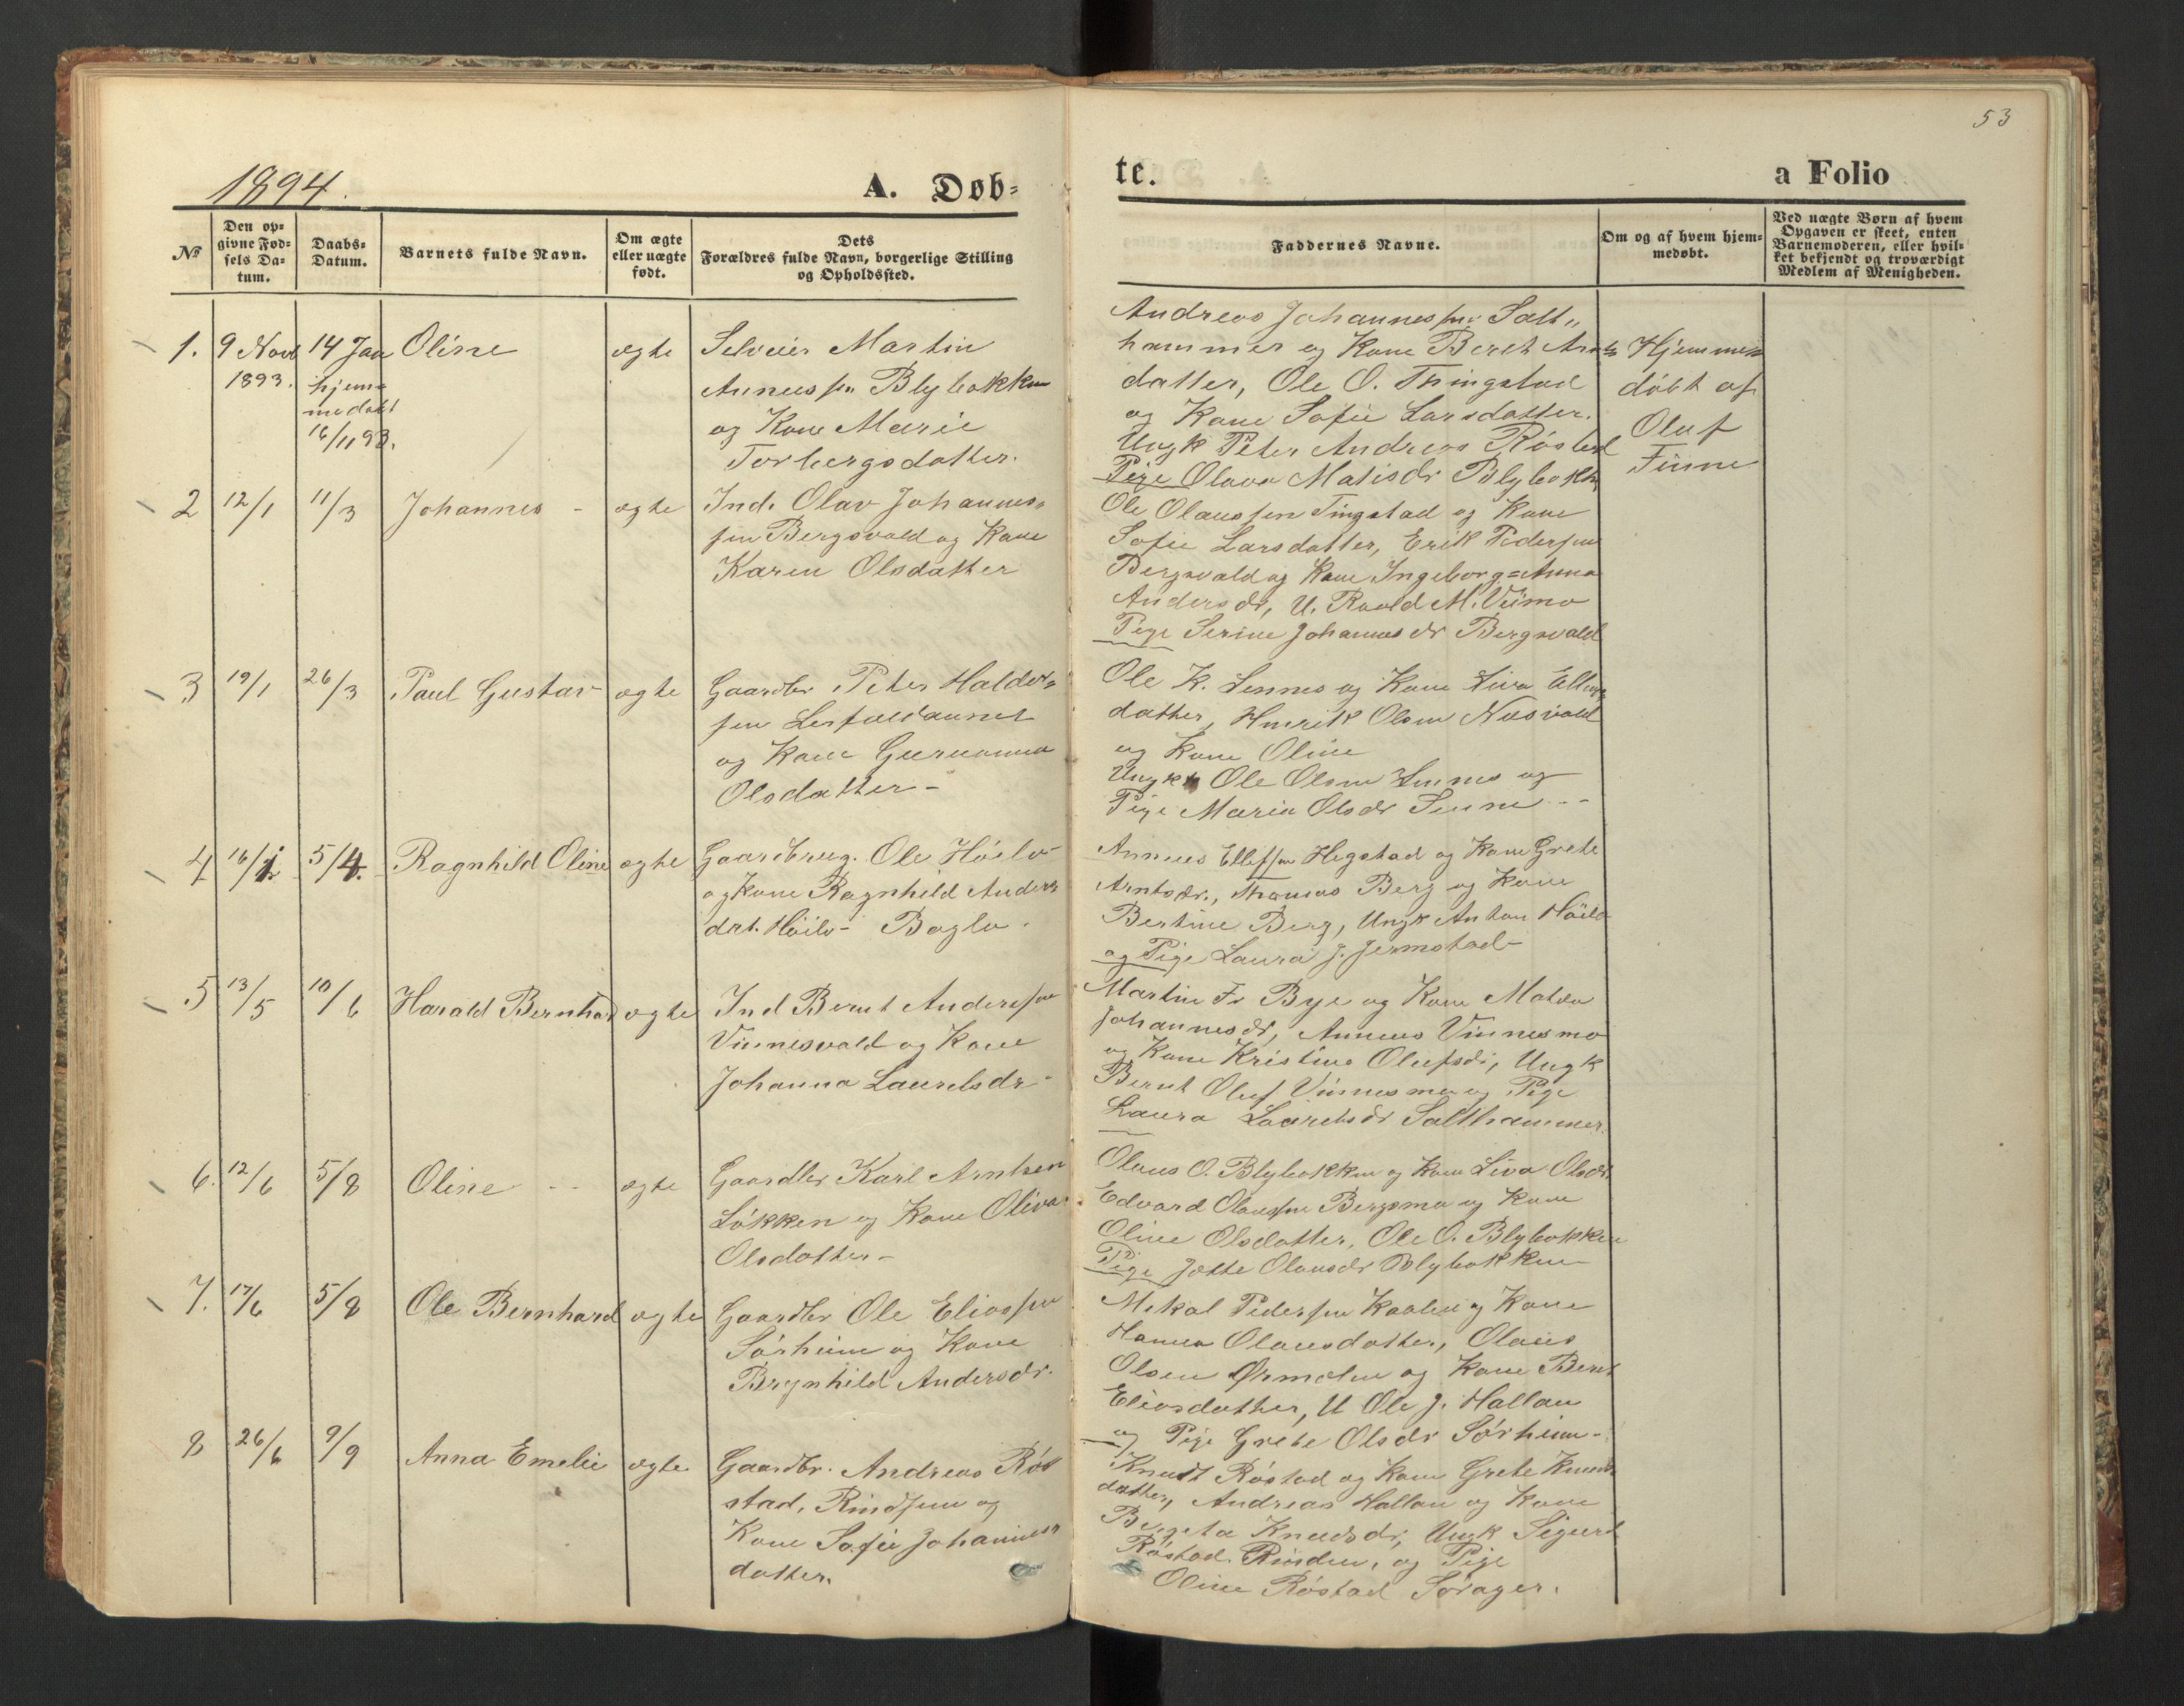 SAT, Ministerialprotokoller, klokkerbøker og fødselsregistre - Nord-Trøndelag, 726/L0271: Klokkerbok nr. 726C02, 1869-1897, s. 53